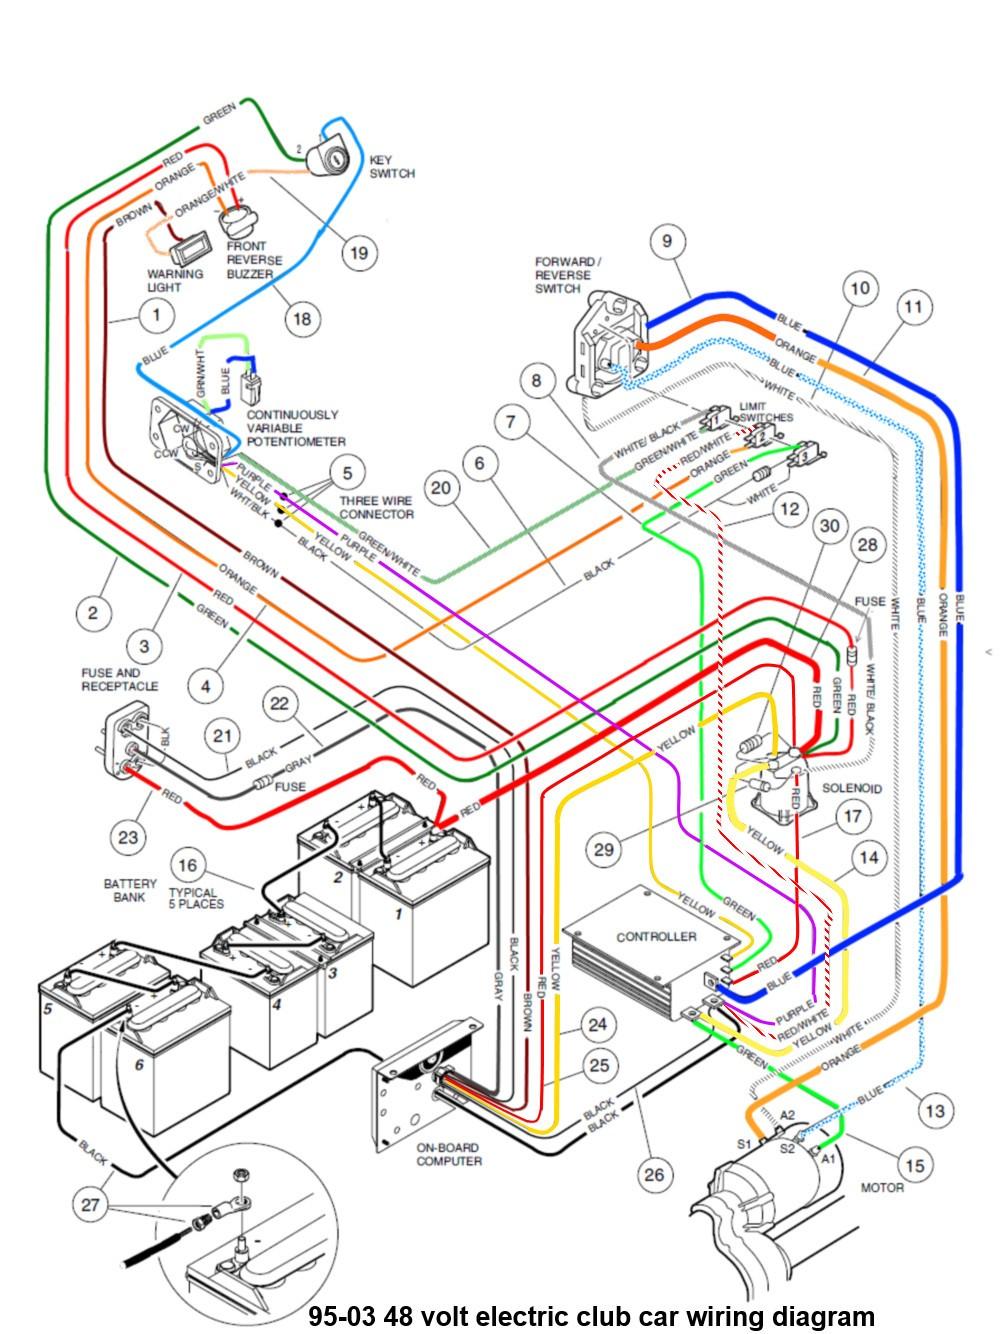 wiring diagram for club car golf cart gooddy org electric 2009 rh natebird me 2008 Club Car Wiring Diagram 2008 Club Car Wiring Diagram